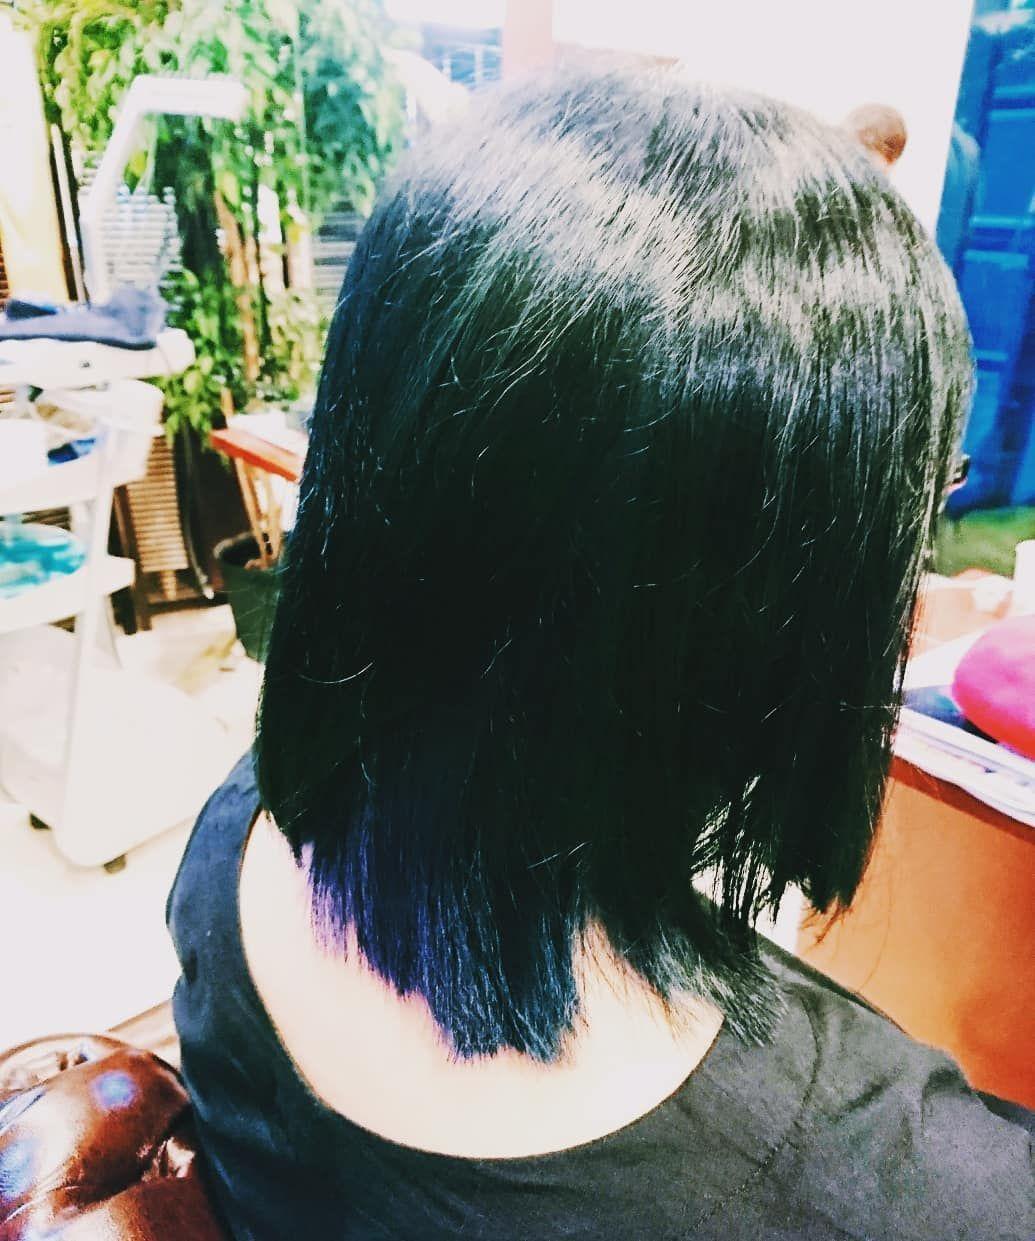 名倉匠さんはinstagramを利用しています 先日のお客様 派手髪 は今まで何度もやりましたが今回は初挑戦の ネイビー 夏に暗めの青 は涼しげでクールです インナーカラー なのでそんなに派手過ぎず 遊びな感じで良いですね なるべく色が持つように 乾かしただけ